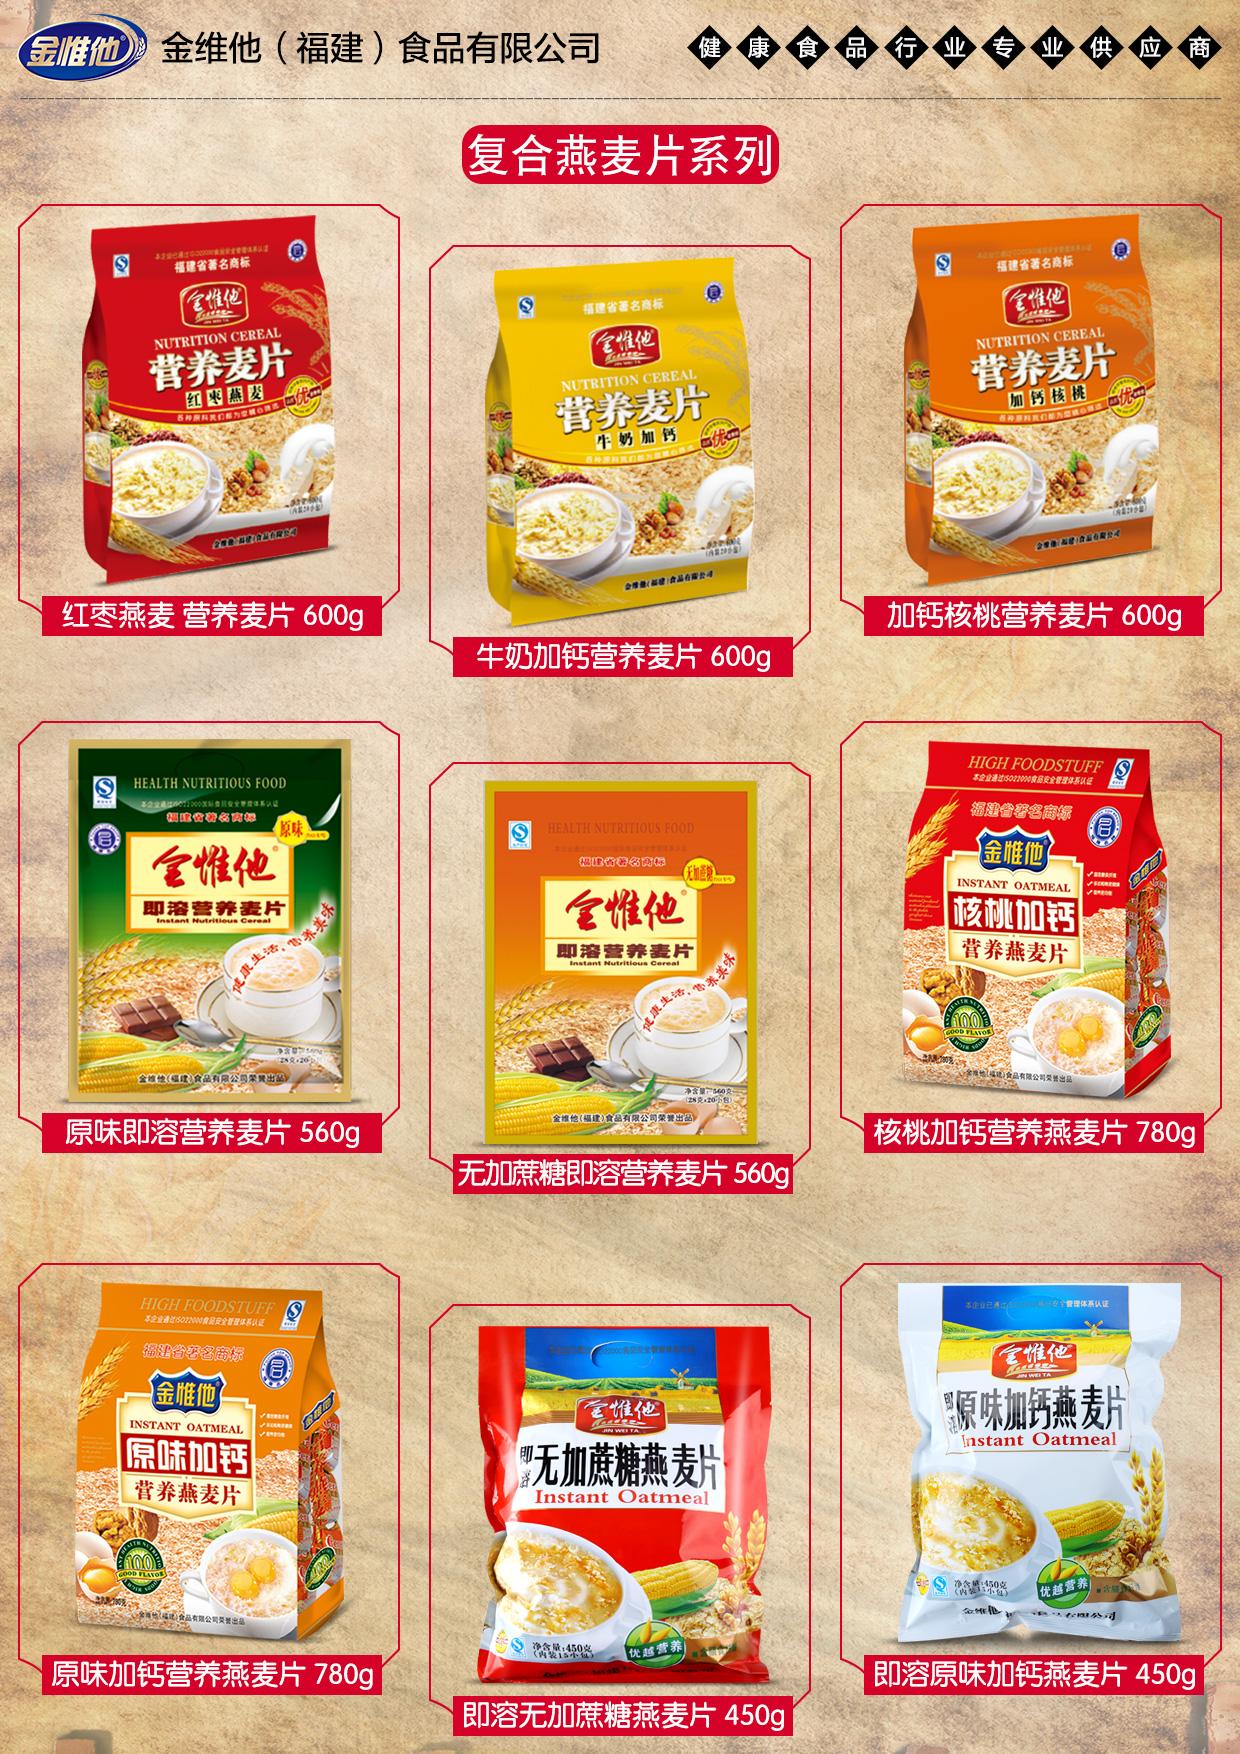 2-2复合燕麦片系列